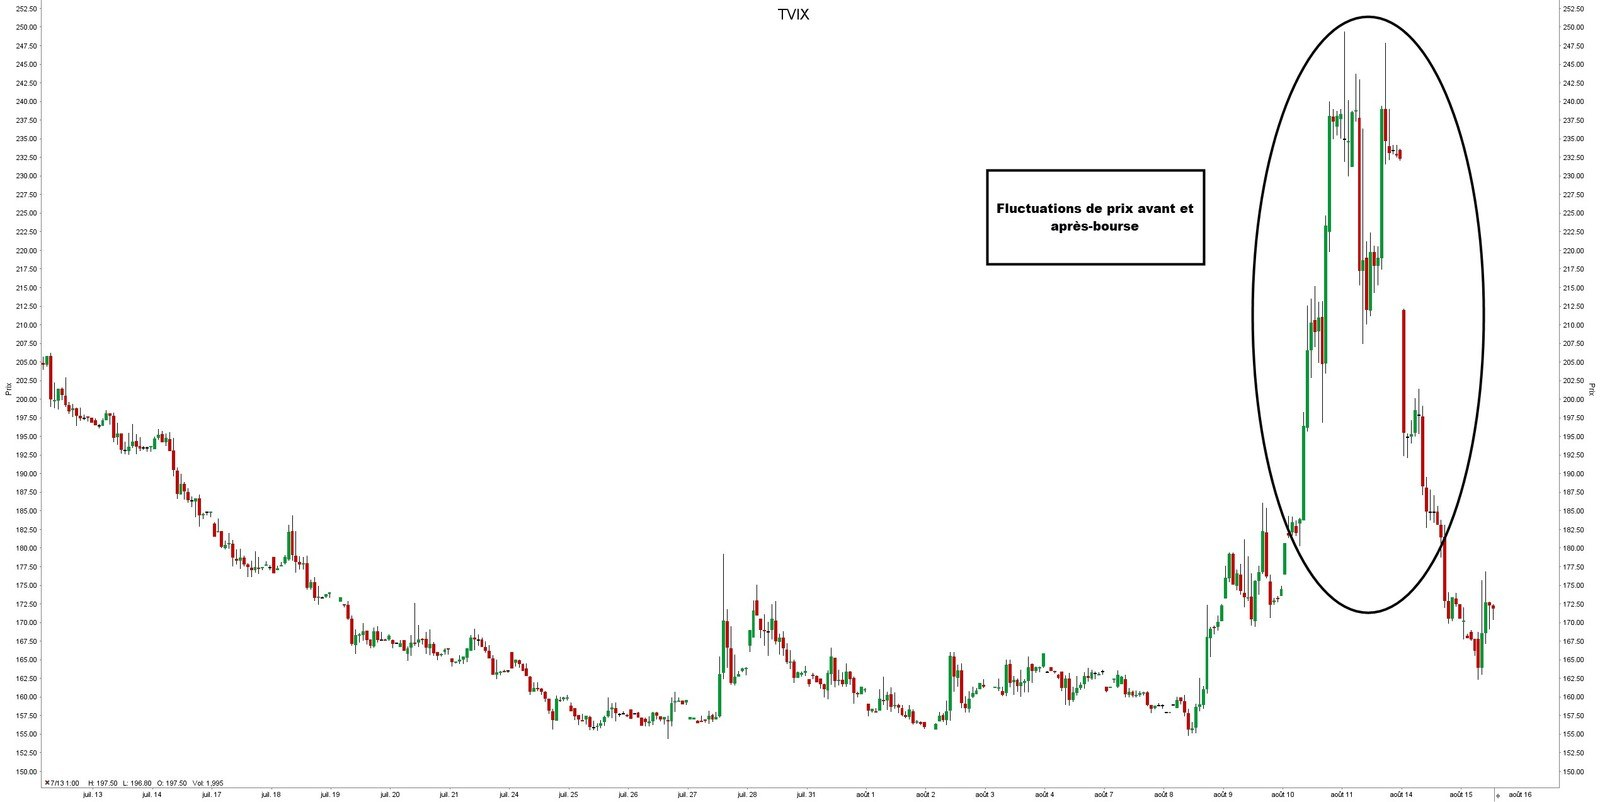 Négocier avant et après les heures d'ouverture des Bourses - TVIX